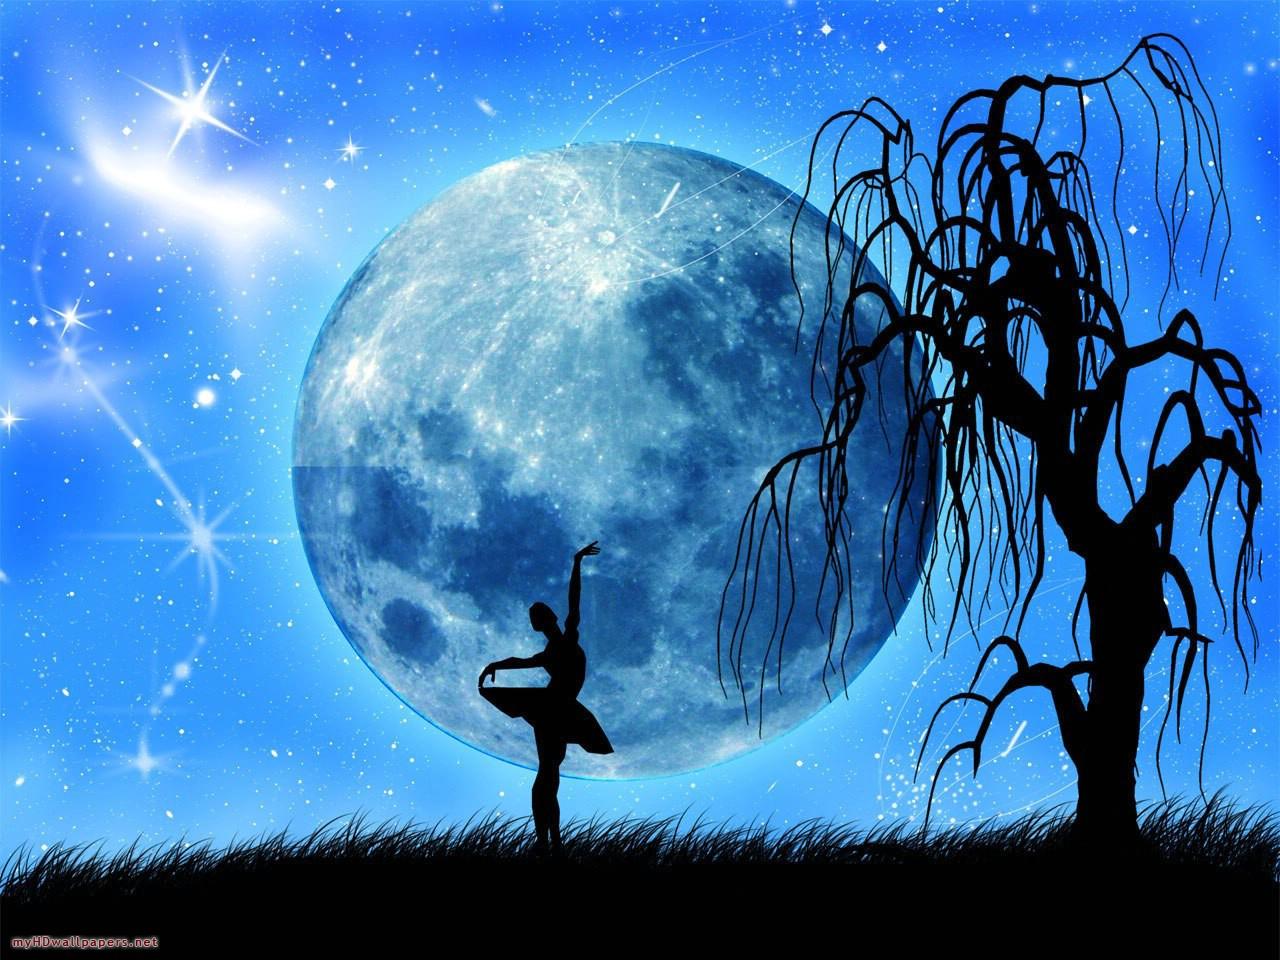 Beautiful Romantic Moonlight Wallpaper - Beautiful Romantic Full Moon - HD Wallpaper